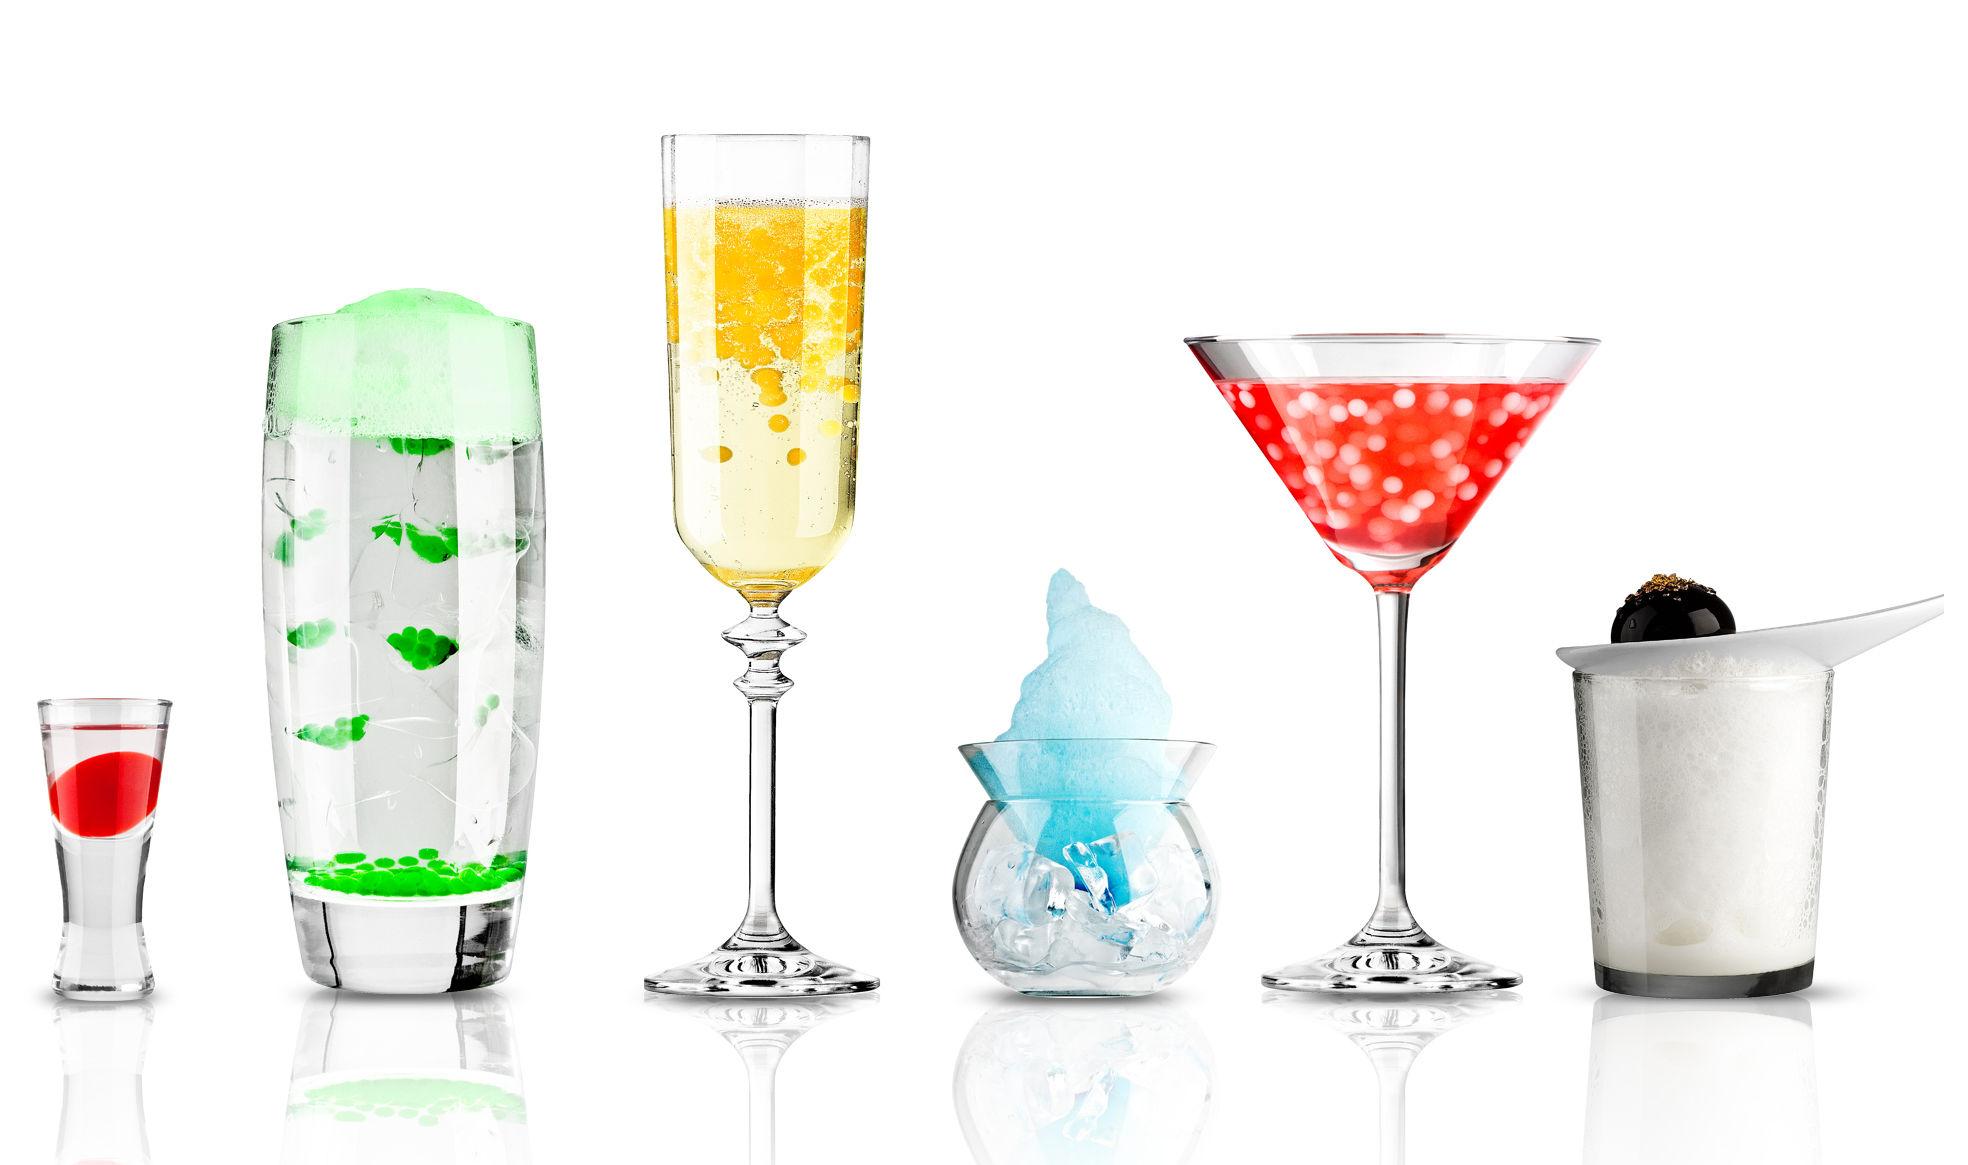 Kit cuisine mol culaire cocktail r volution cocktails - Cocktail cuisine moleculaire ...